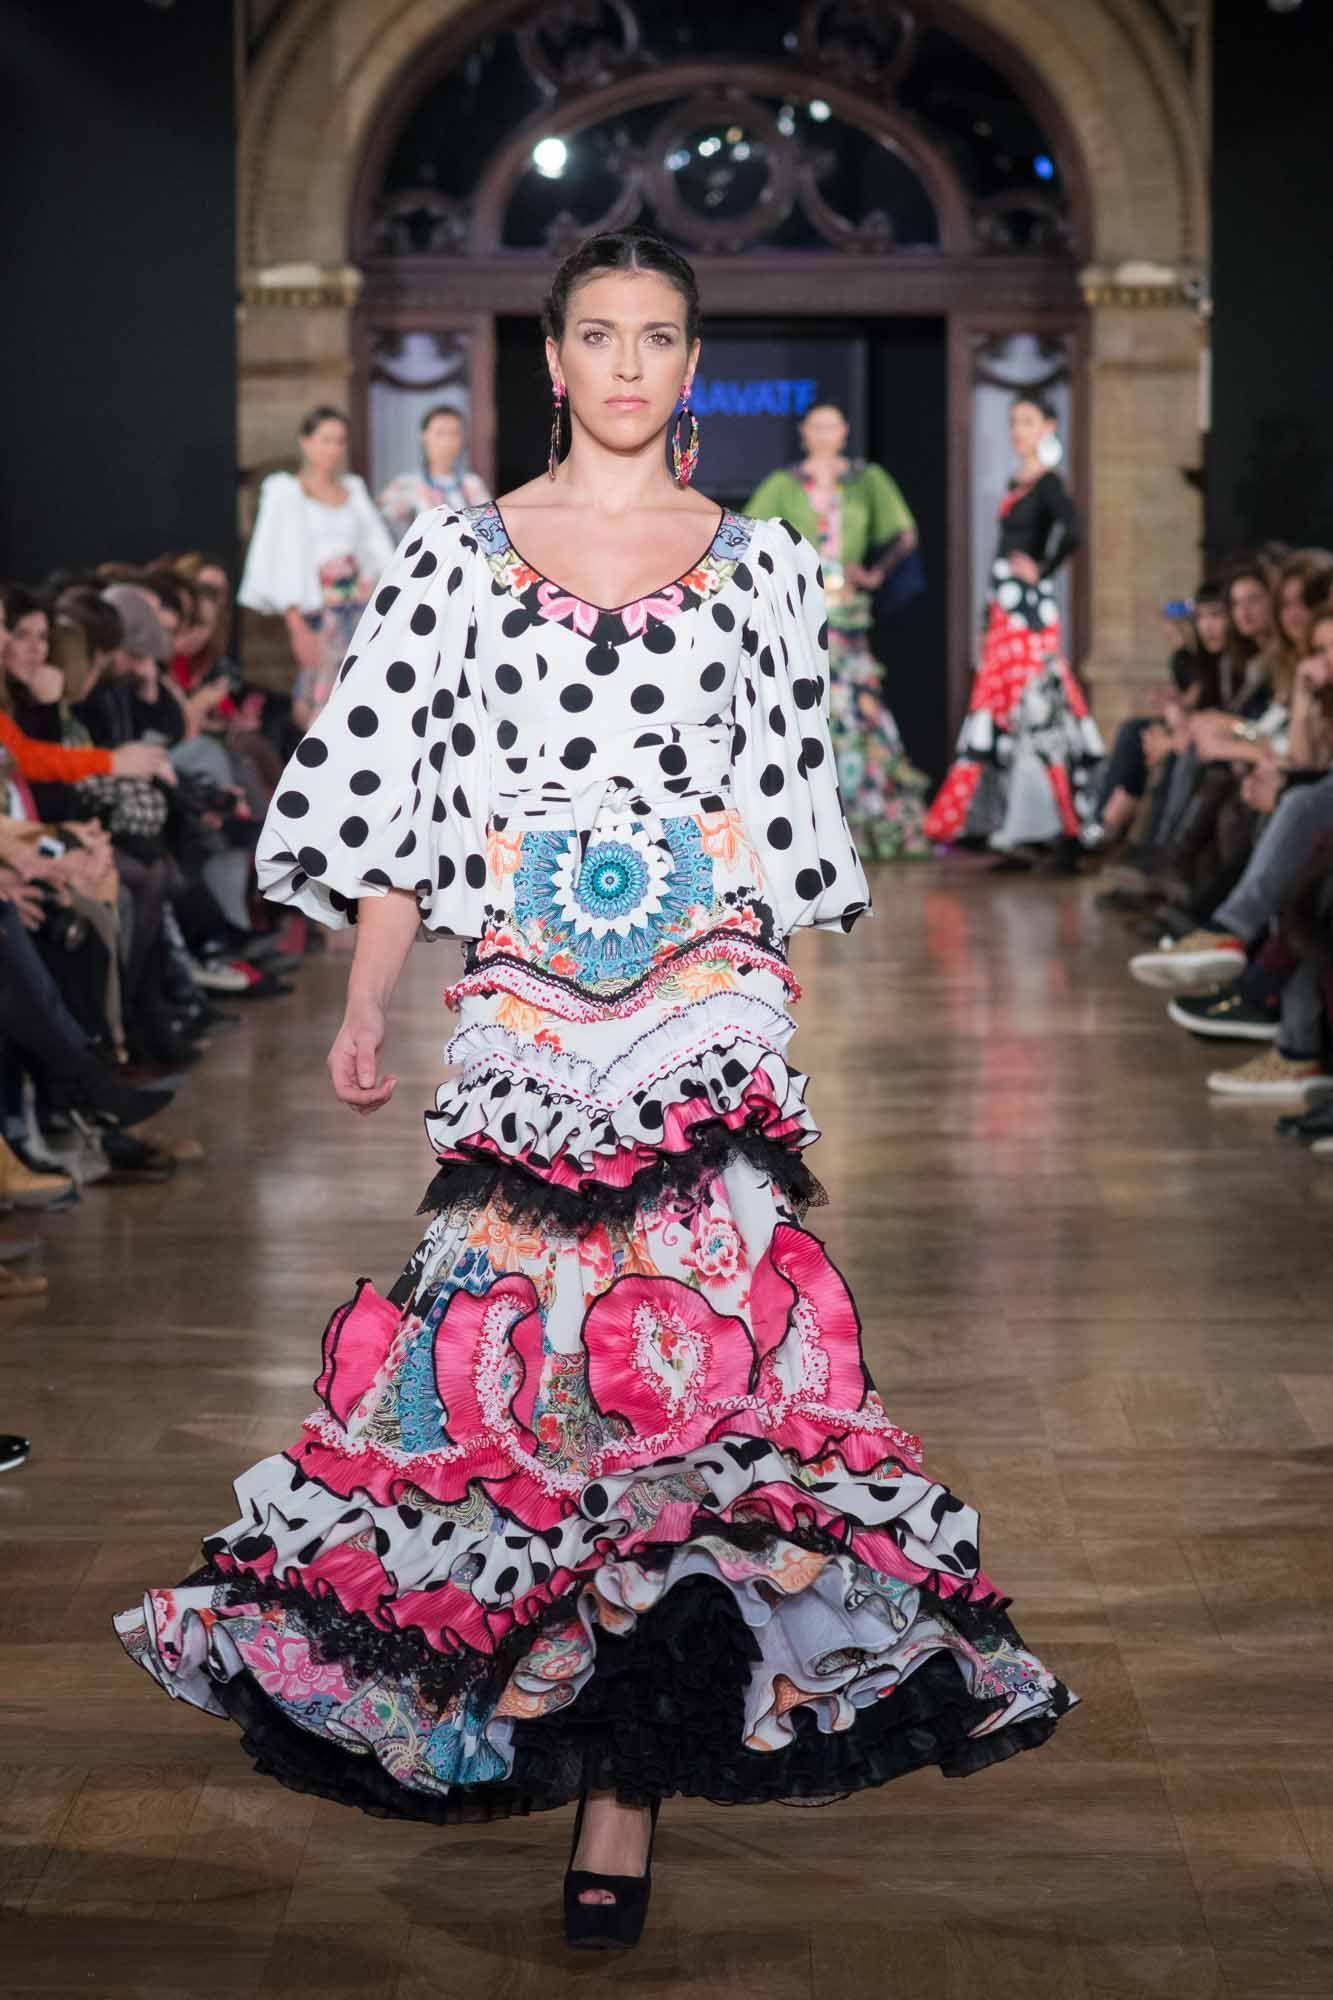 b19a76eb0 Vestido de flamenca de inspiración zíngara con miles de volantes ...